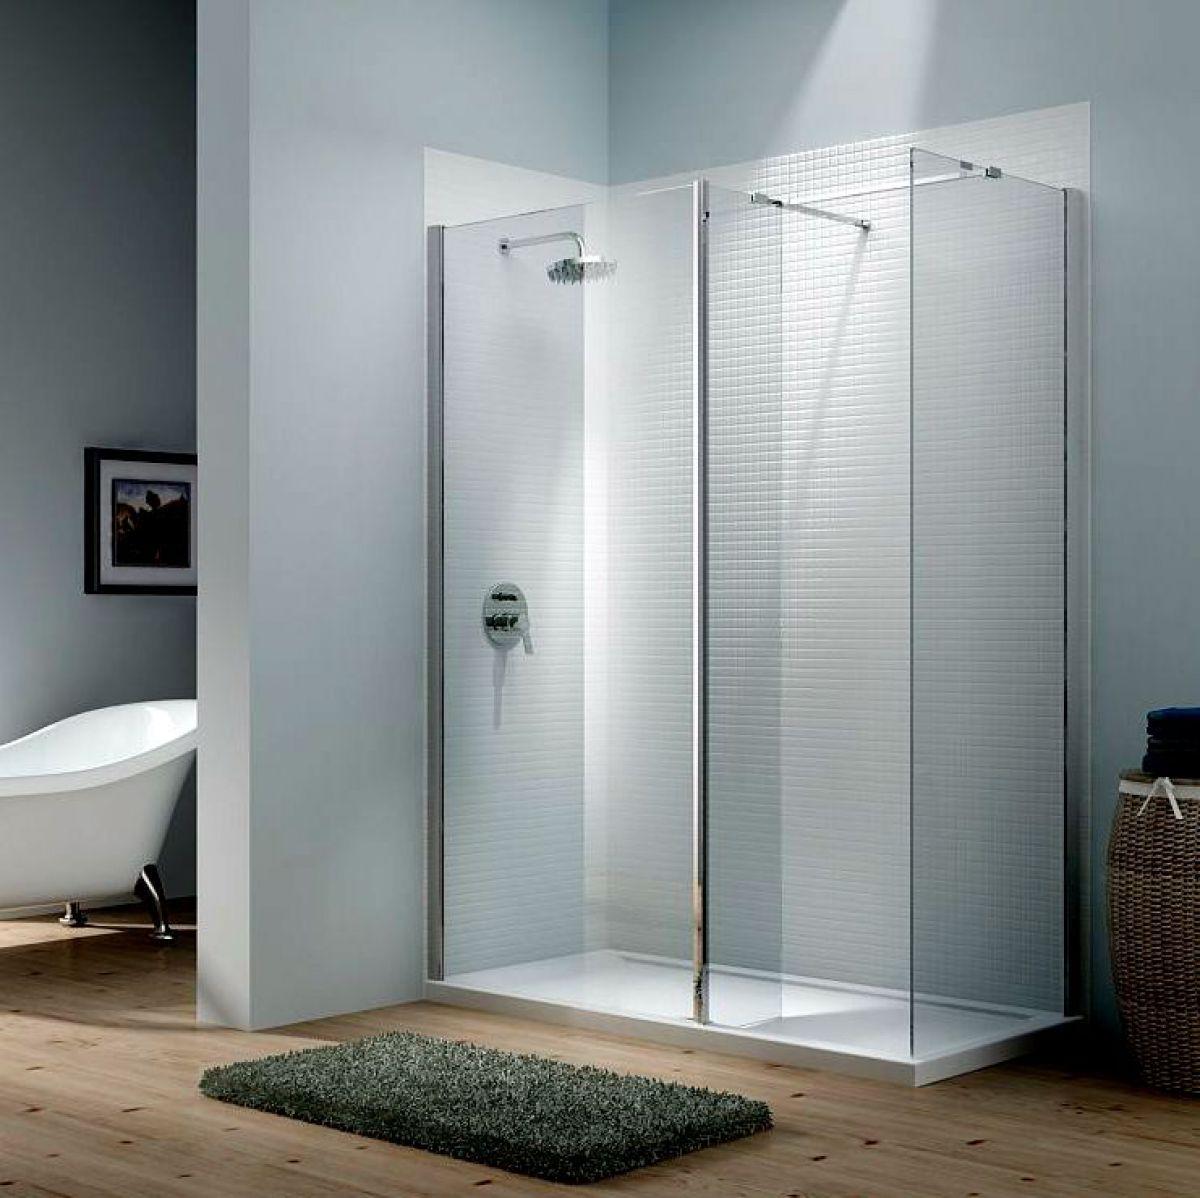 Merlyn Vivid 8 Cube Walk-In Shower Enclosure : UK Bathrooms